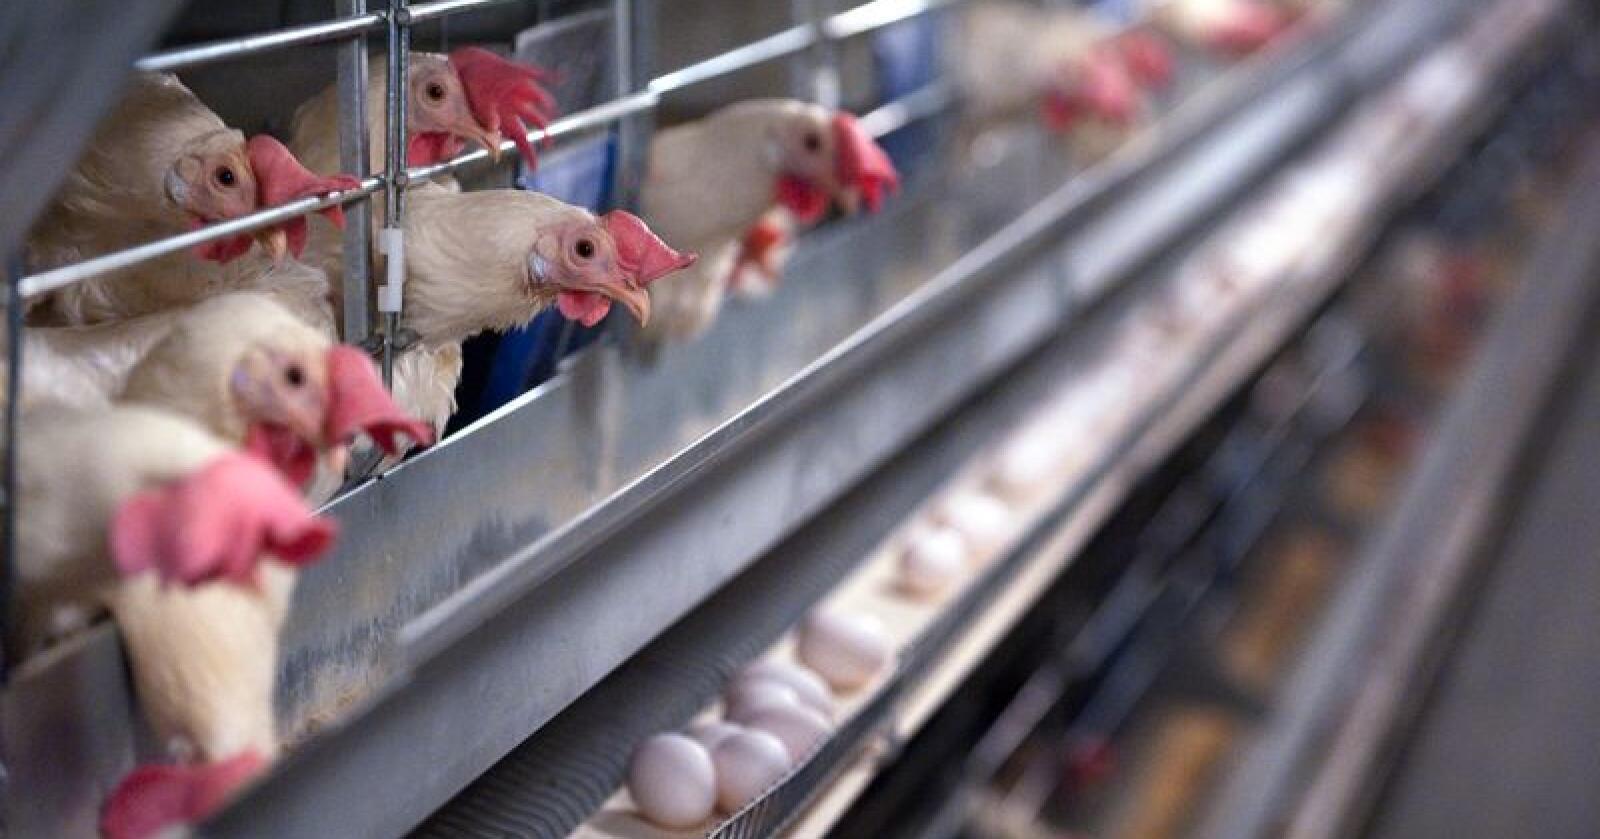 Færre og færre: I 2012 blei bur som dette, såkalla miljøbur, den lovlege standarden for burhøner. Prognosane til Nortura viser at ein vil gå frå om lag 36 prosent miljøinnreidd eggproduksjon til 10 prosent. Foto: Marit Hommedal / NTB scanpix